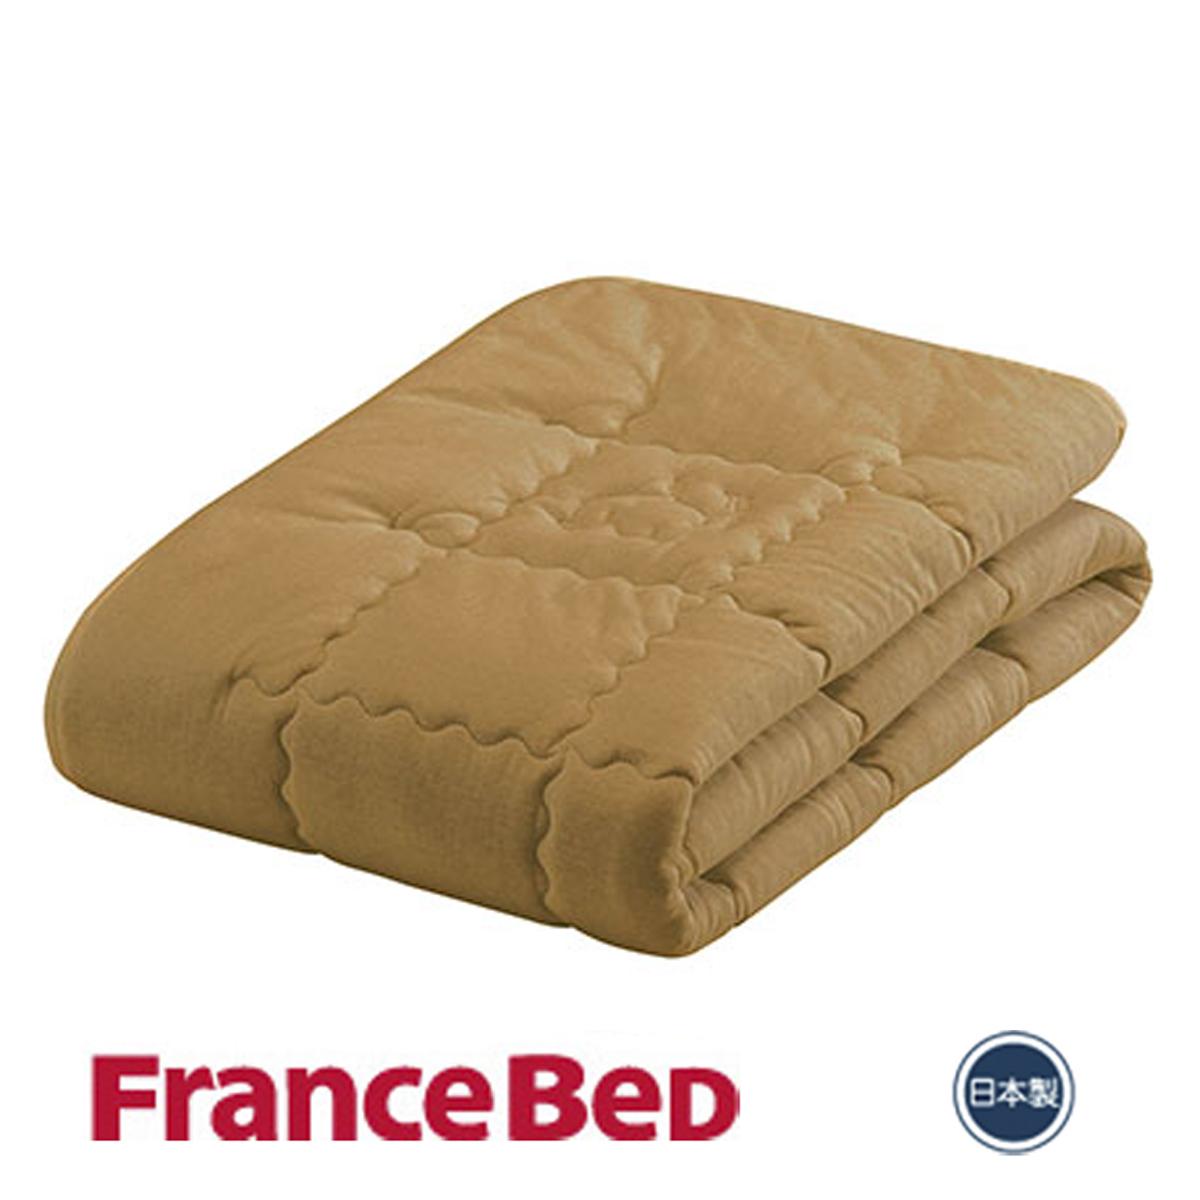 フランスベッド キャメル&ウールベッドパッド セミダブルサイズ|セミダブル フランスベット フランス ベッド ベット ウール ベッドパッド ベッドパット ベットパッド ベットパット ベッド パッド 敷きパッド 敷きパット 敷パッド 敷パット 寝具